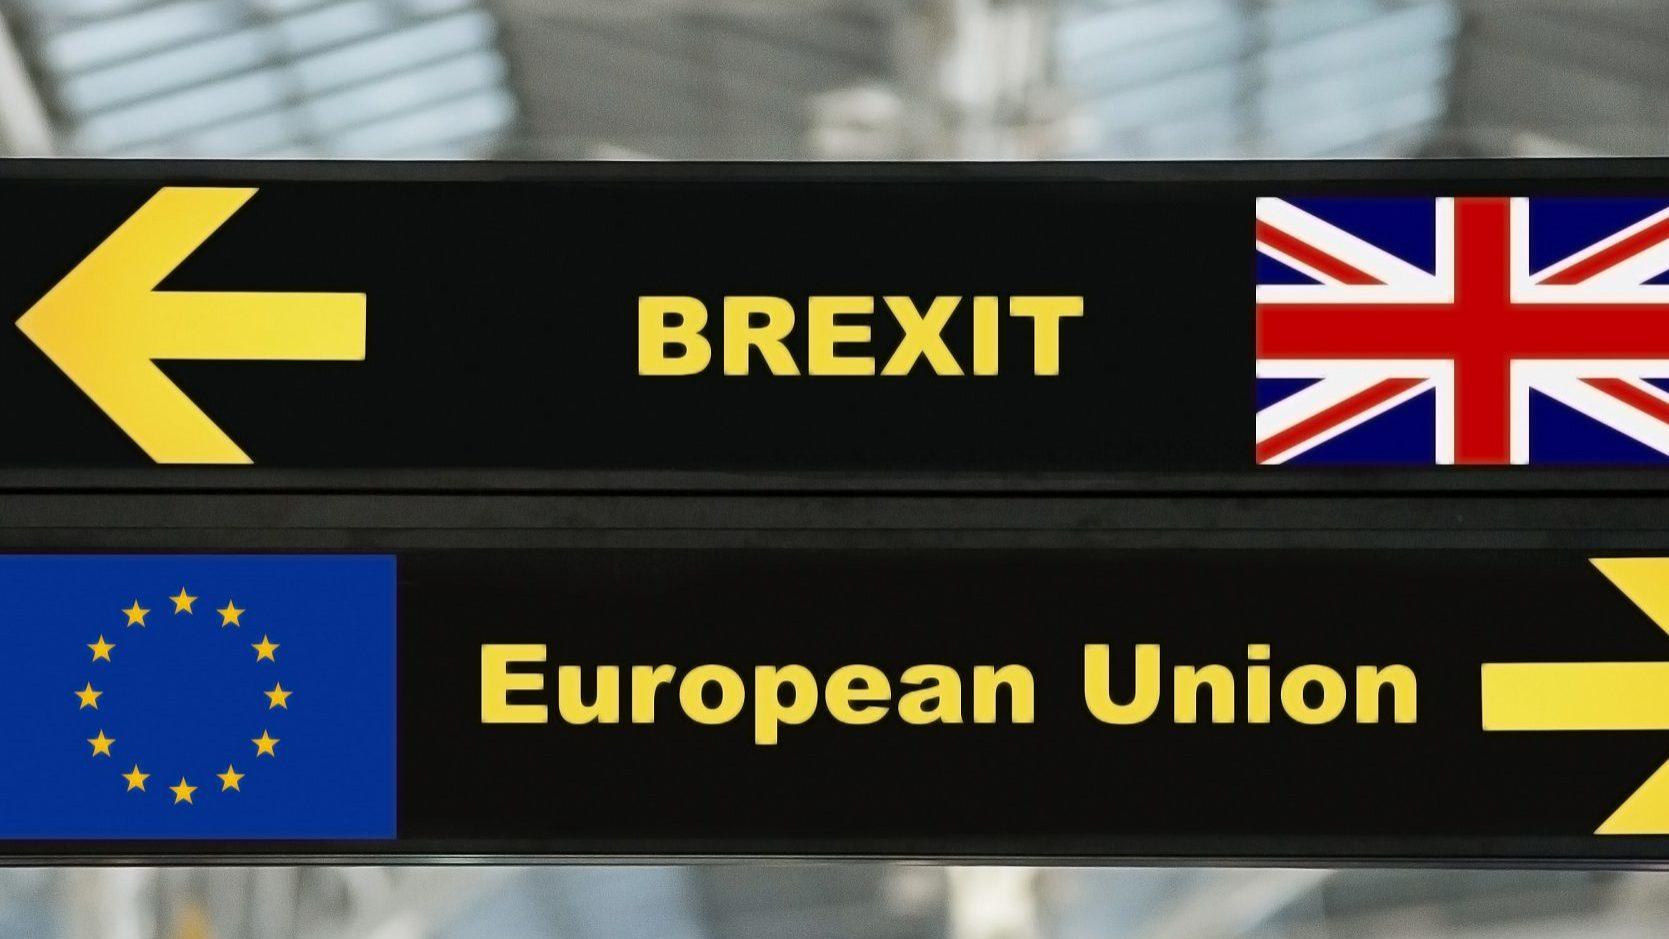 Brexit. Dúvidas no curto prazo, confiança no longo prazo